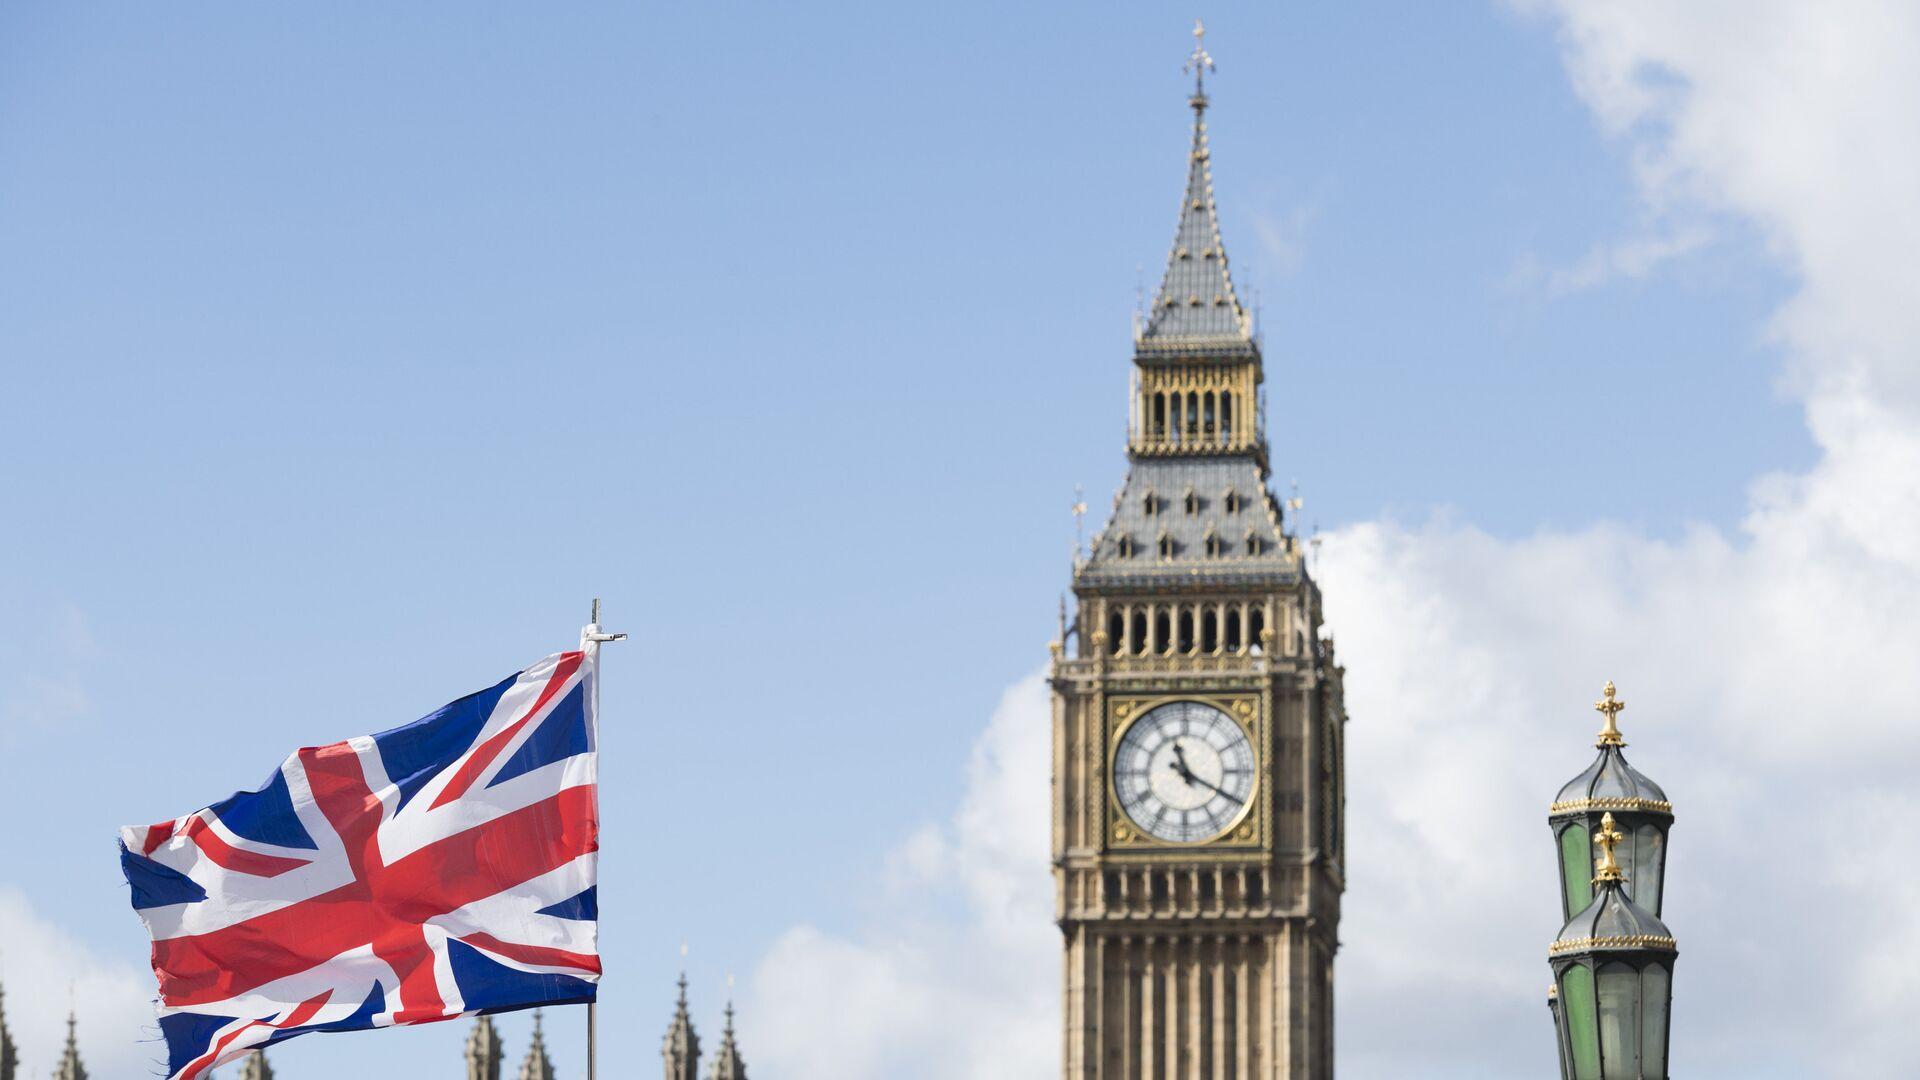 Флаг Великобритании на фоне Вестминстерского дворца в Лондоне - РИА Новости, 1920, 15.01.2021